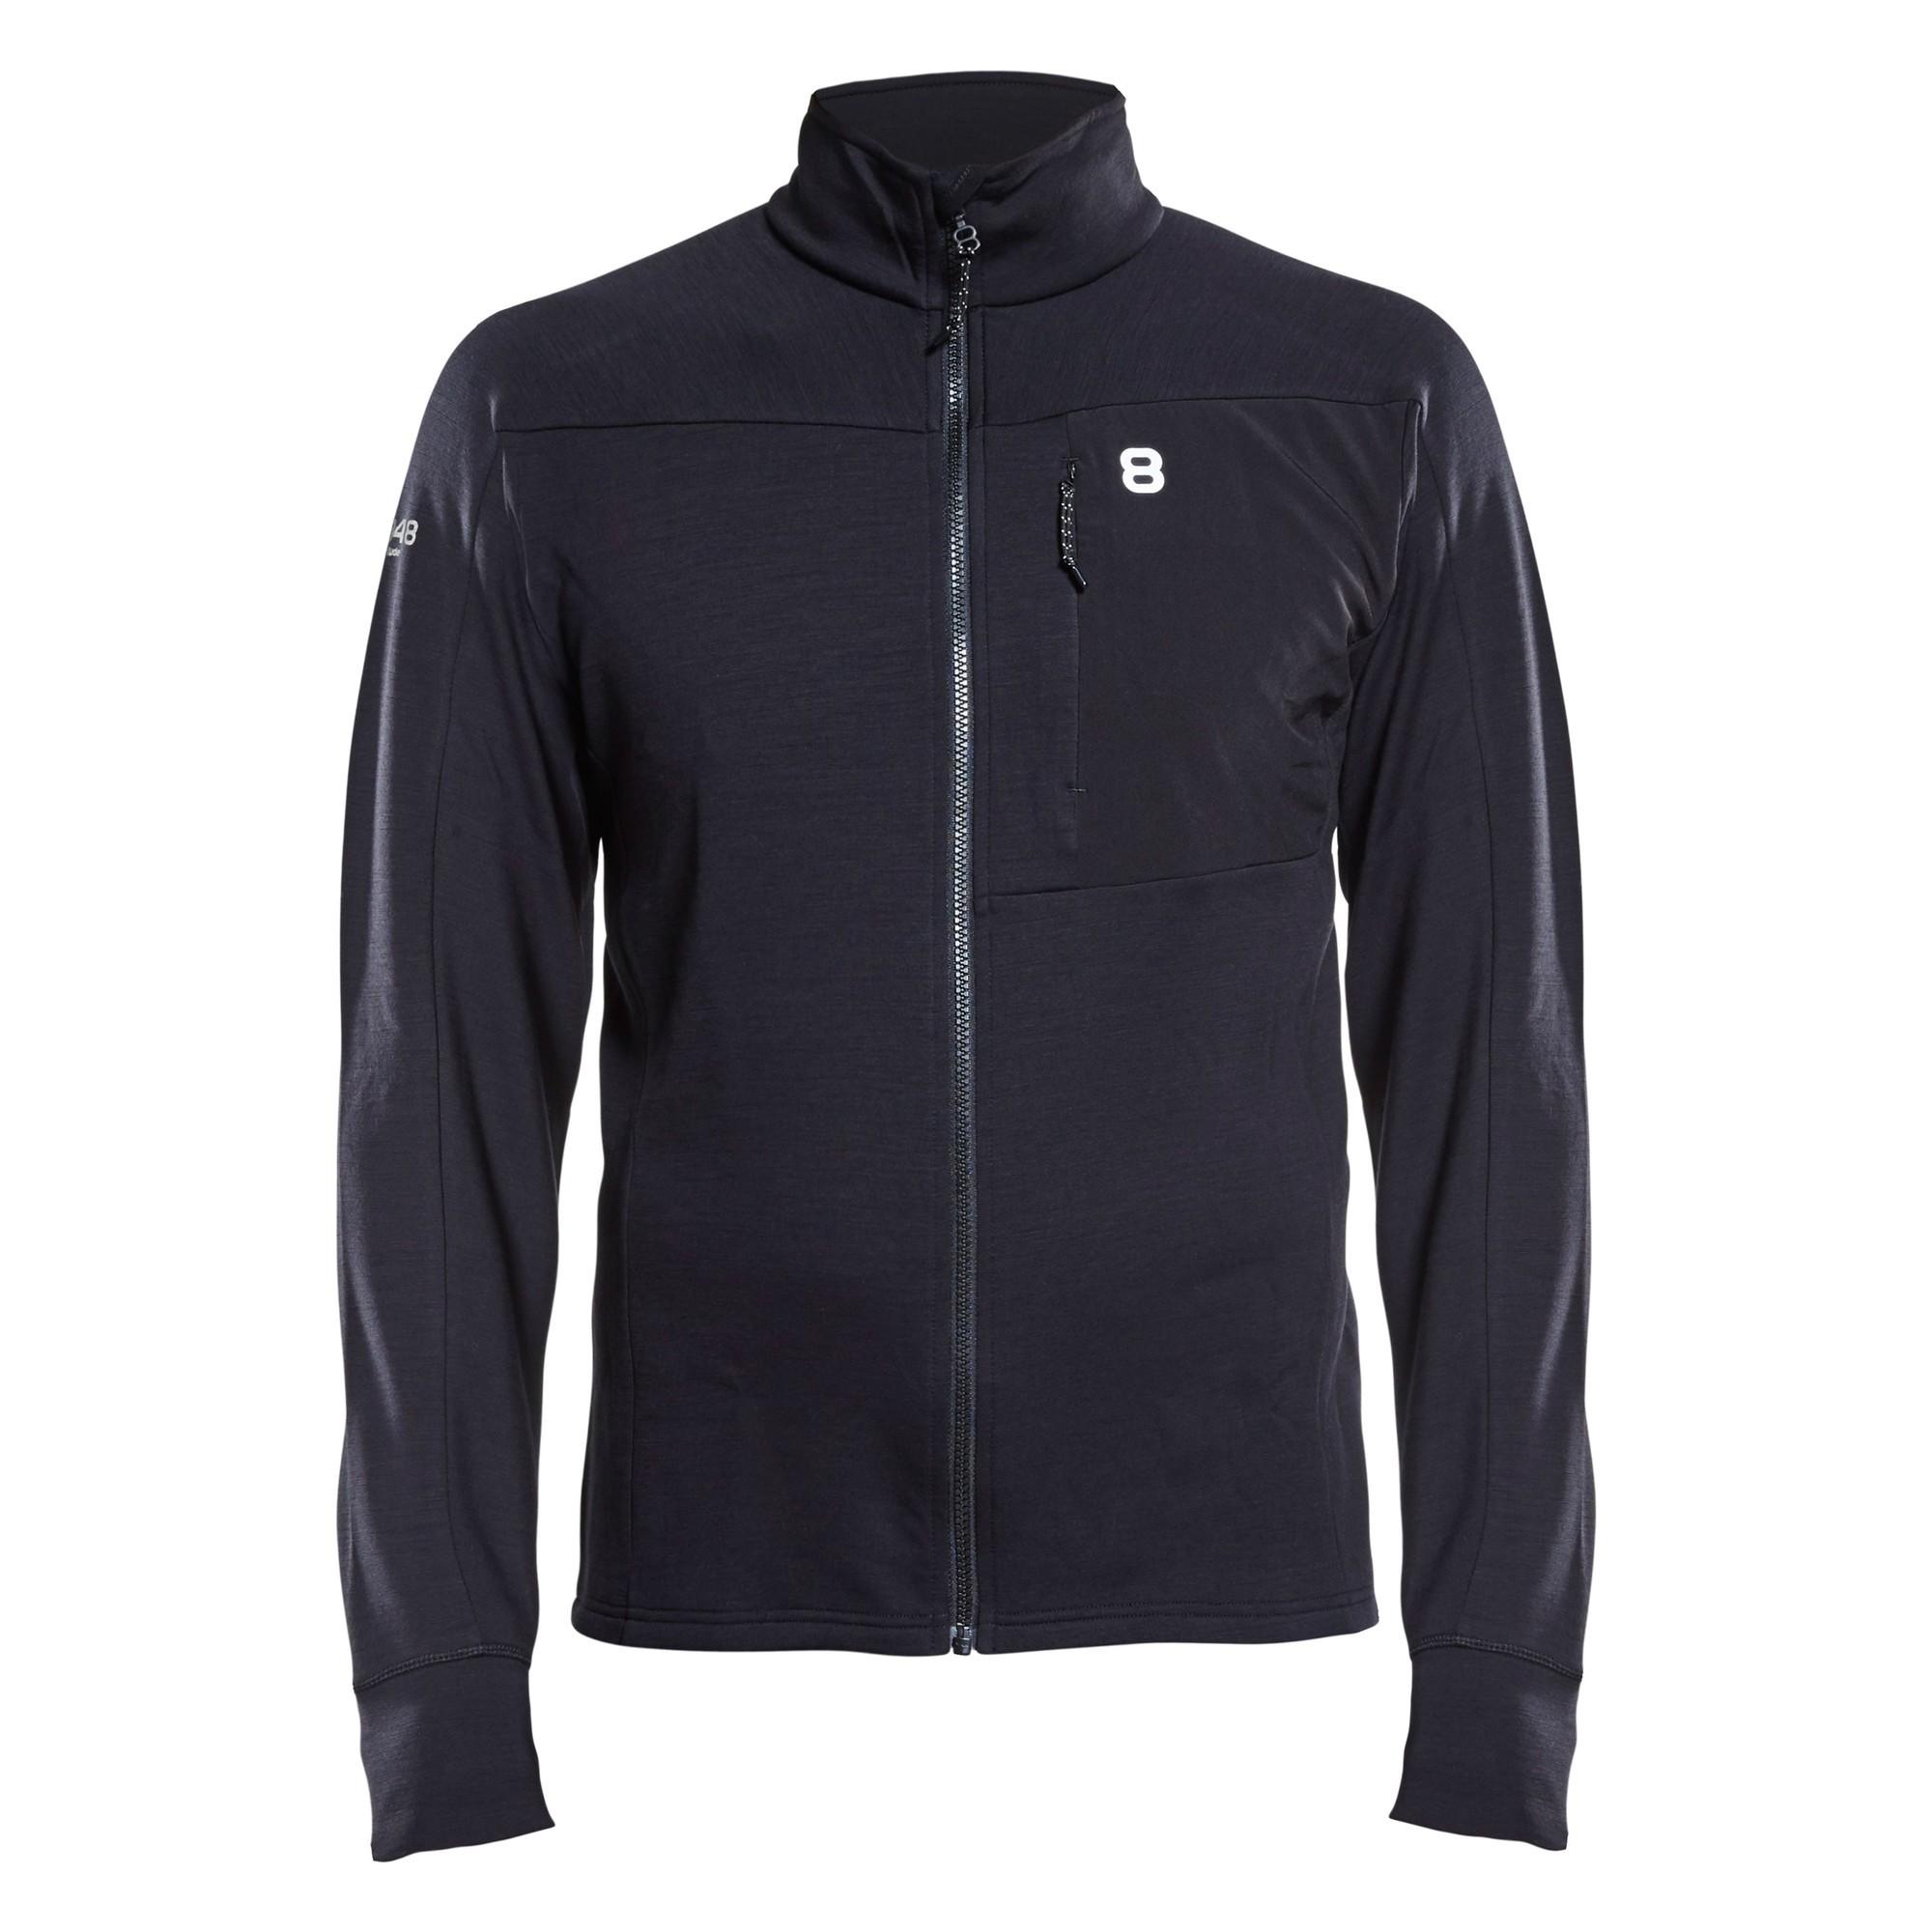 Afbeelding van 8848 Altitude Bathurst Wool Sweat Vest Heren Black